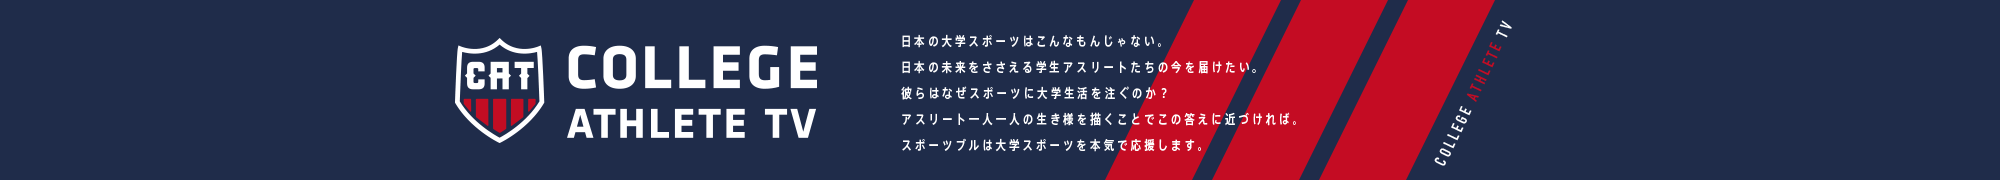 """日本一をかけた戦いが始まる。昨年度は関東学生1部秋季リーグで2位に輝き、初のトーキョーボウル進出を遂げるなど、躍動の年となった。今年の目標も変わらず日本一。""""OVER""""の思いで挑む…"""